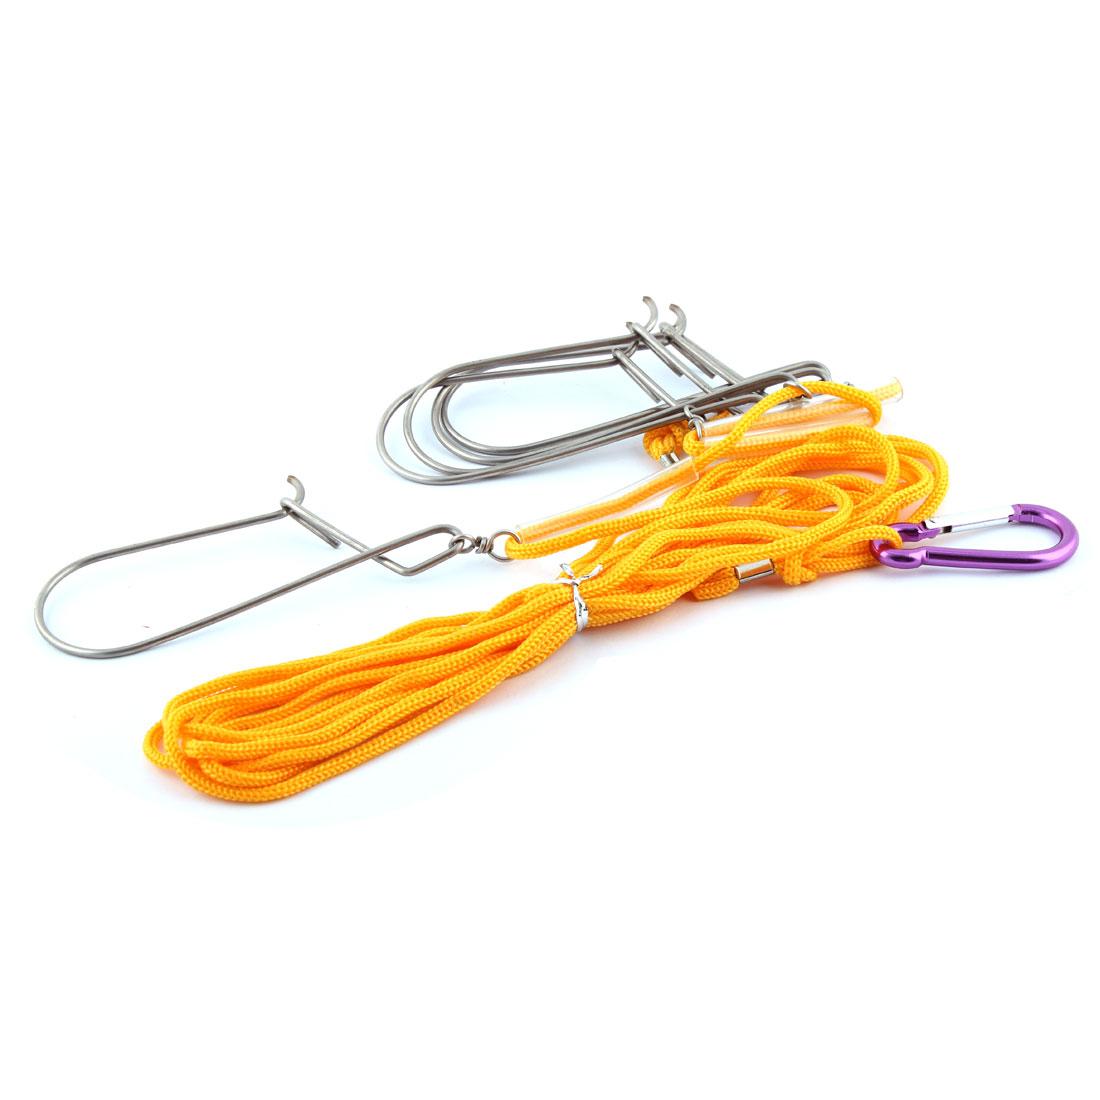 4.7M Length Rope Carabiner Clip 5 Metal Hooks Fish Fishing Lock Stringer